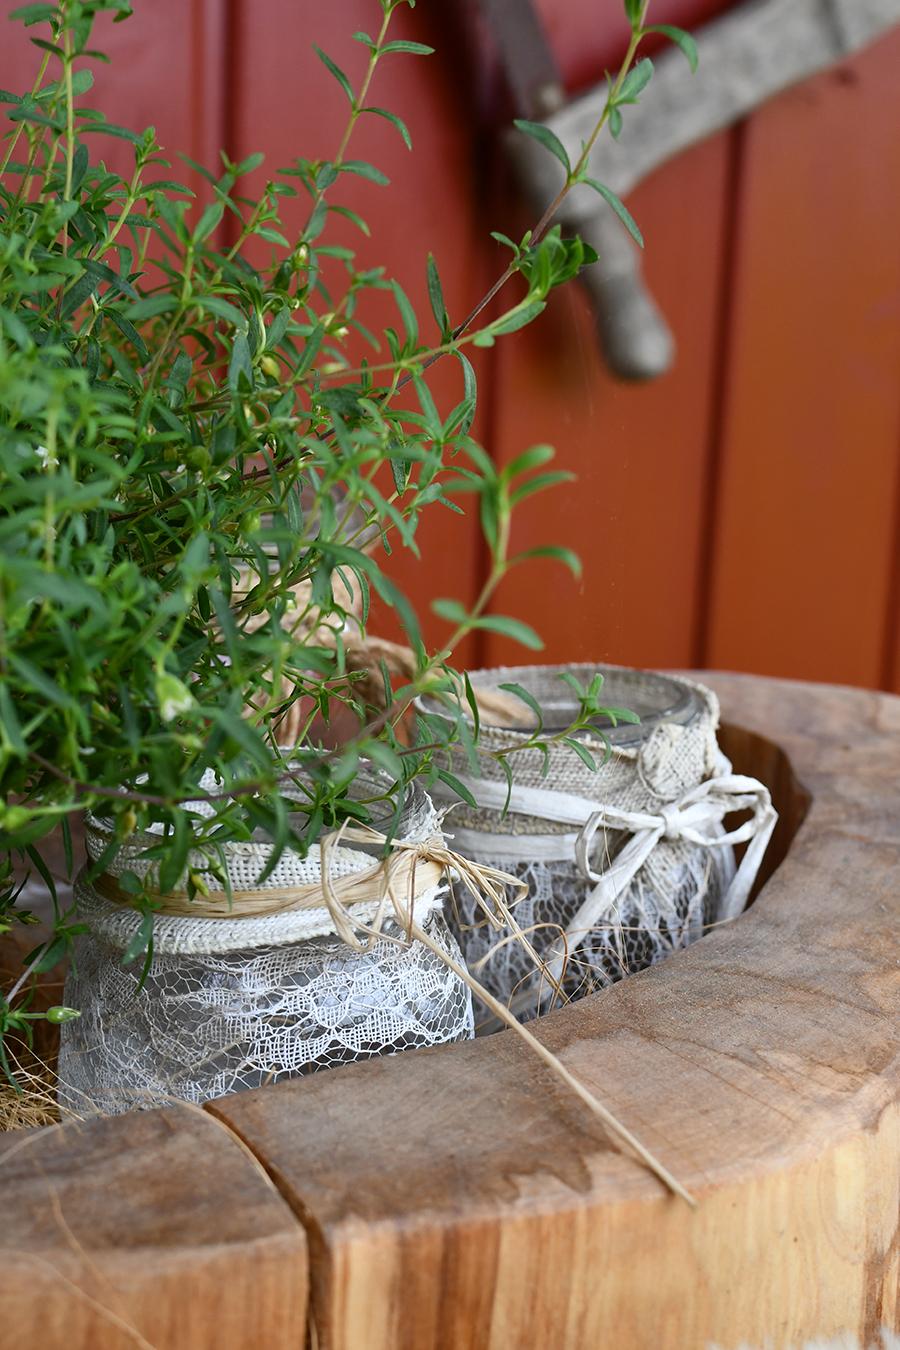 DIY fuer den Garten Natuerliche Tischdekoration selbstgemacht 02